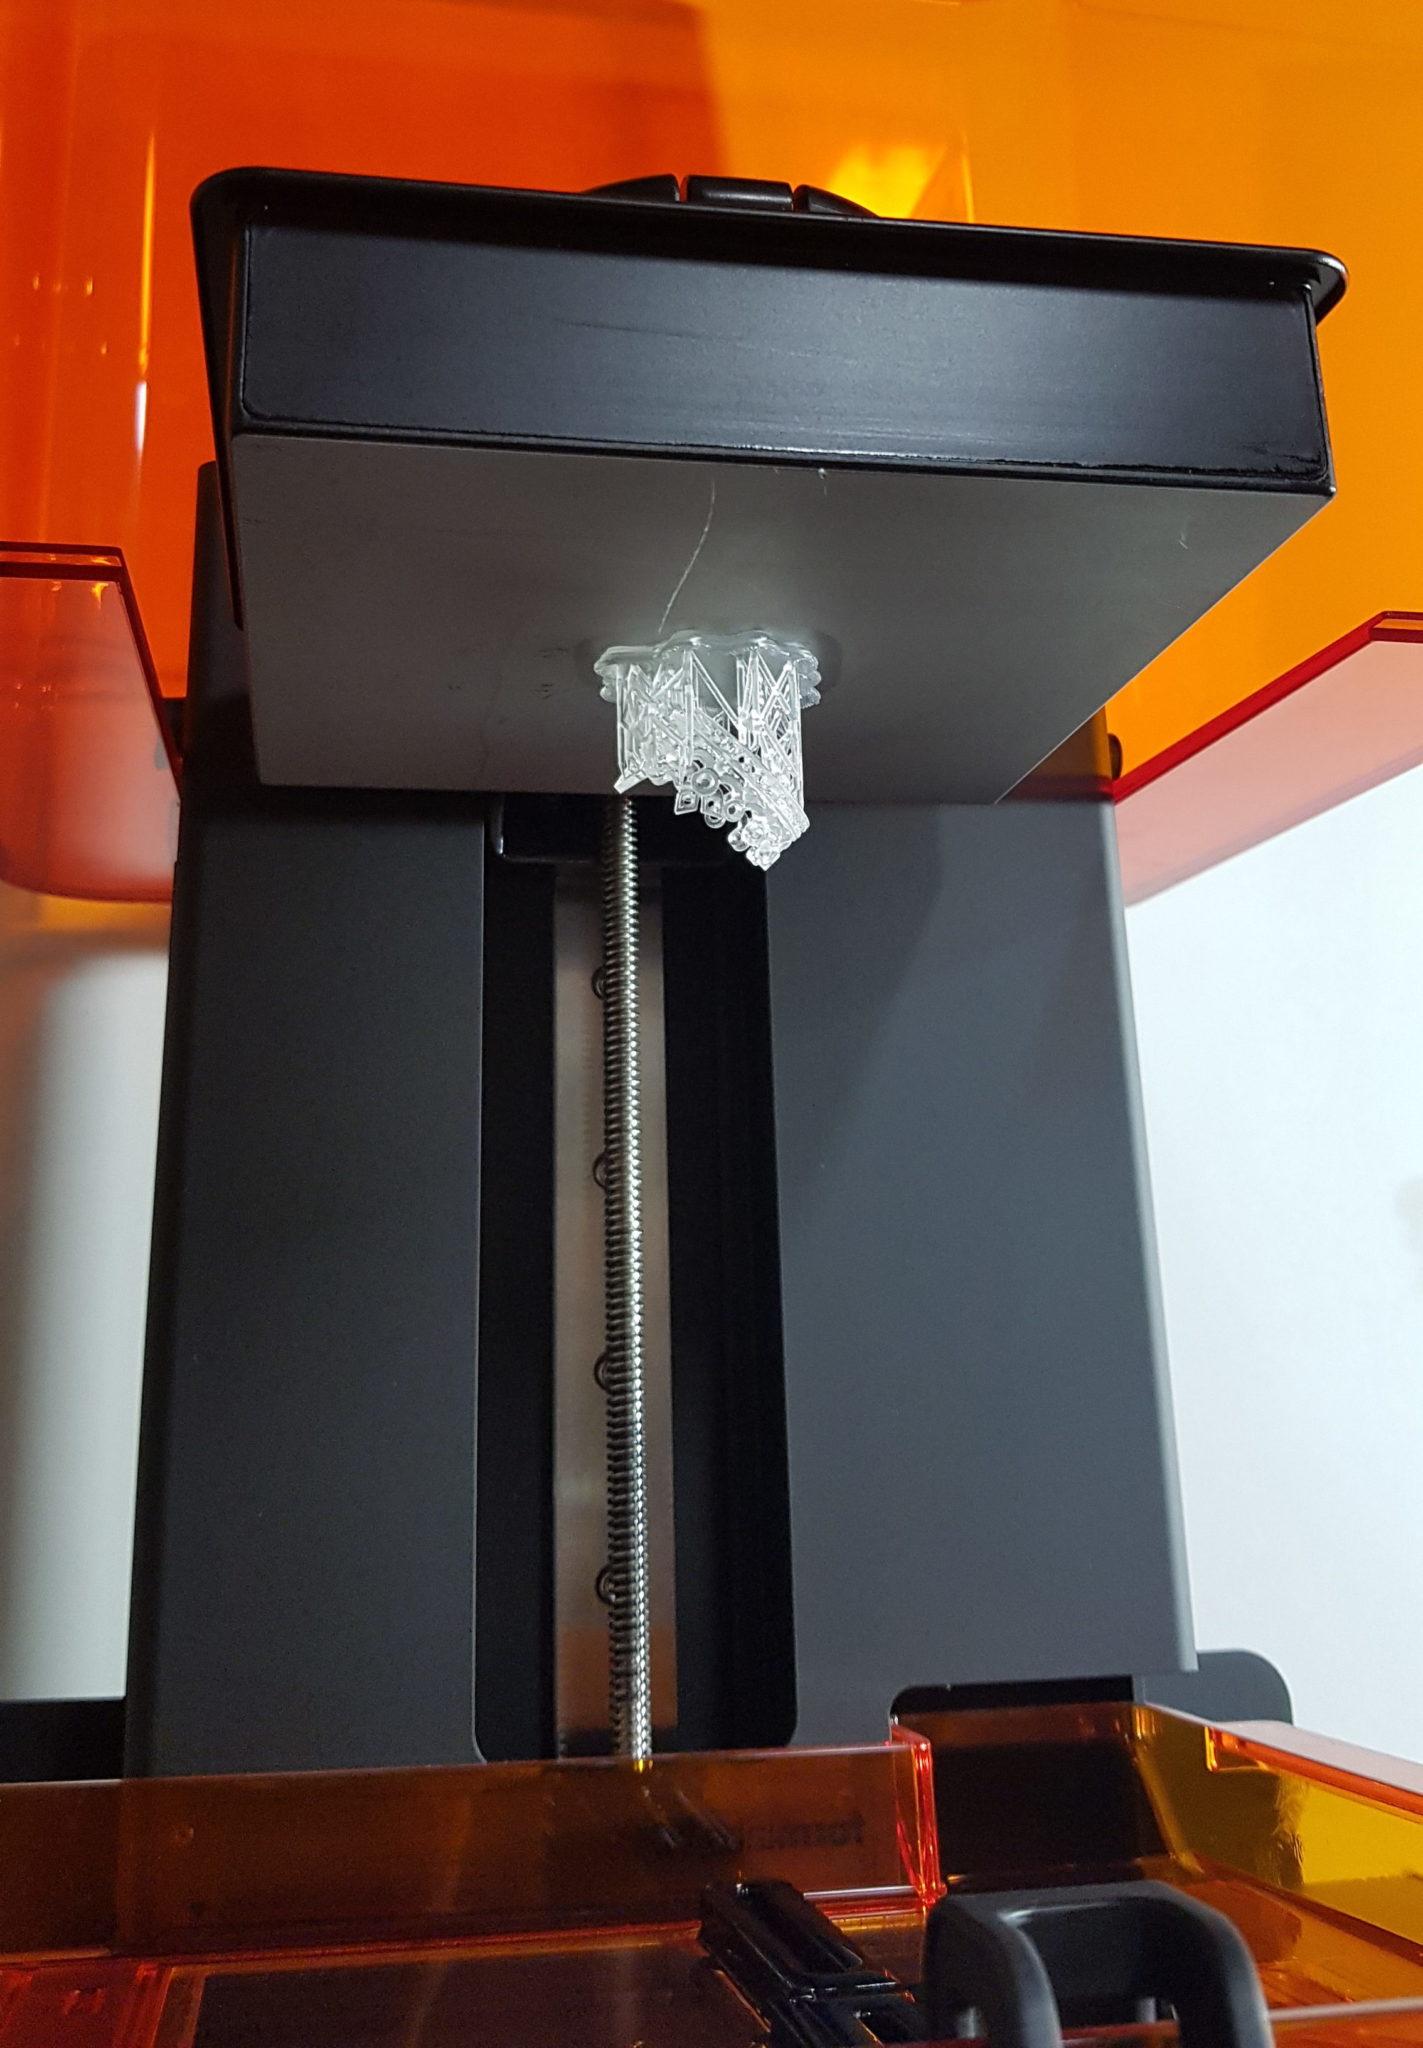 SLA Drucker mit einem fertig gedruckten Modell